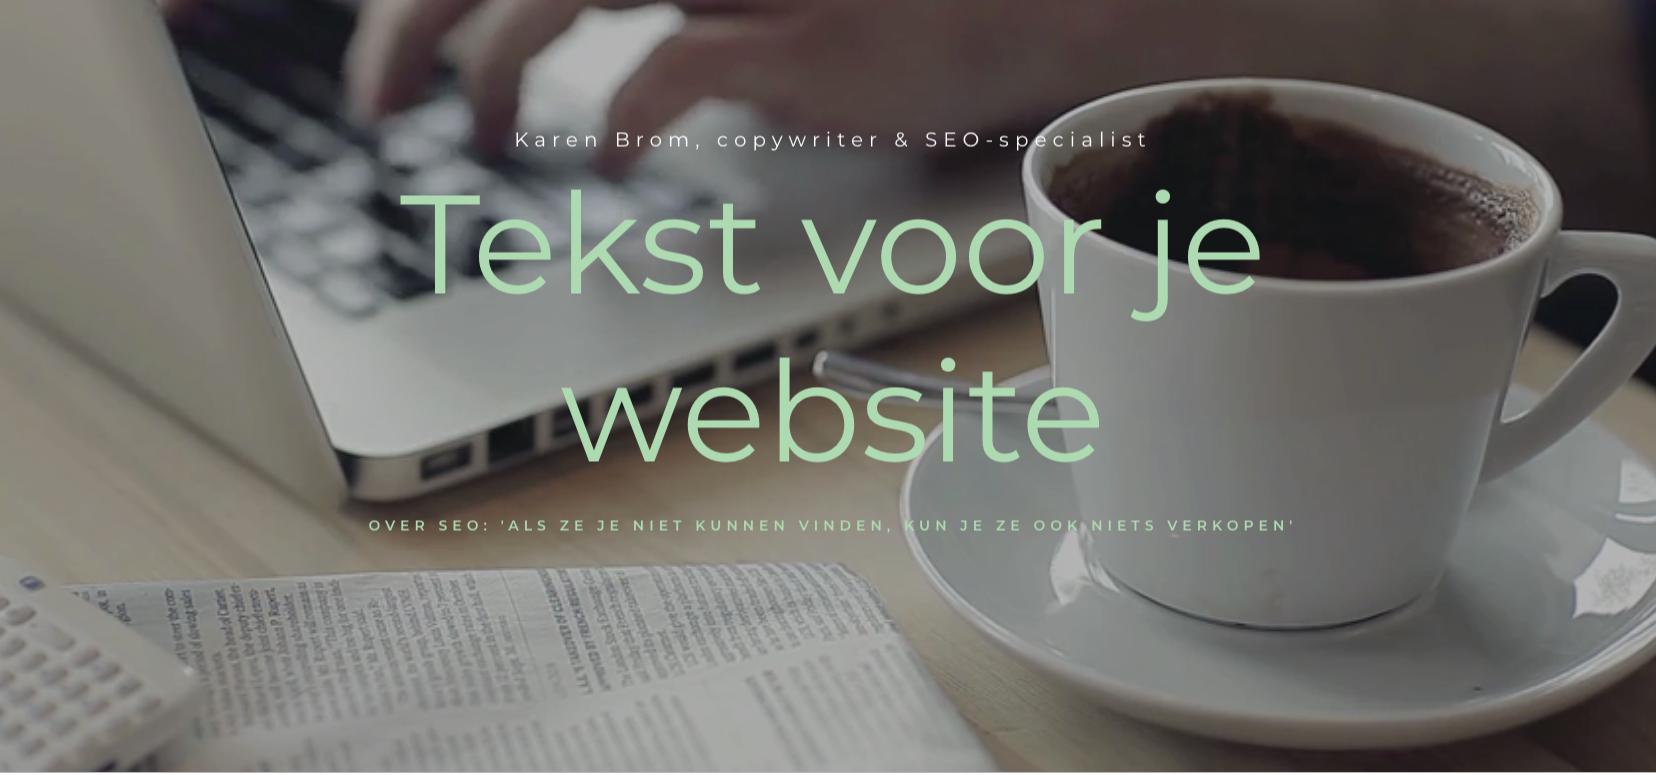 tekstbureau karen Brom, afbeelding homepage